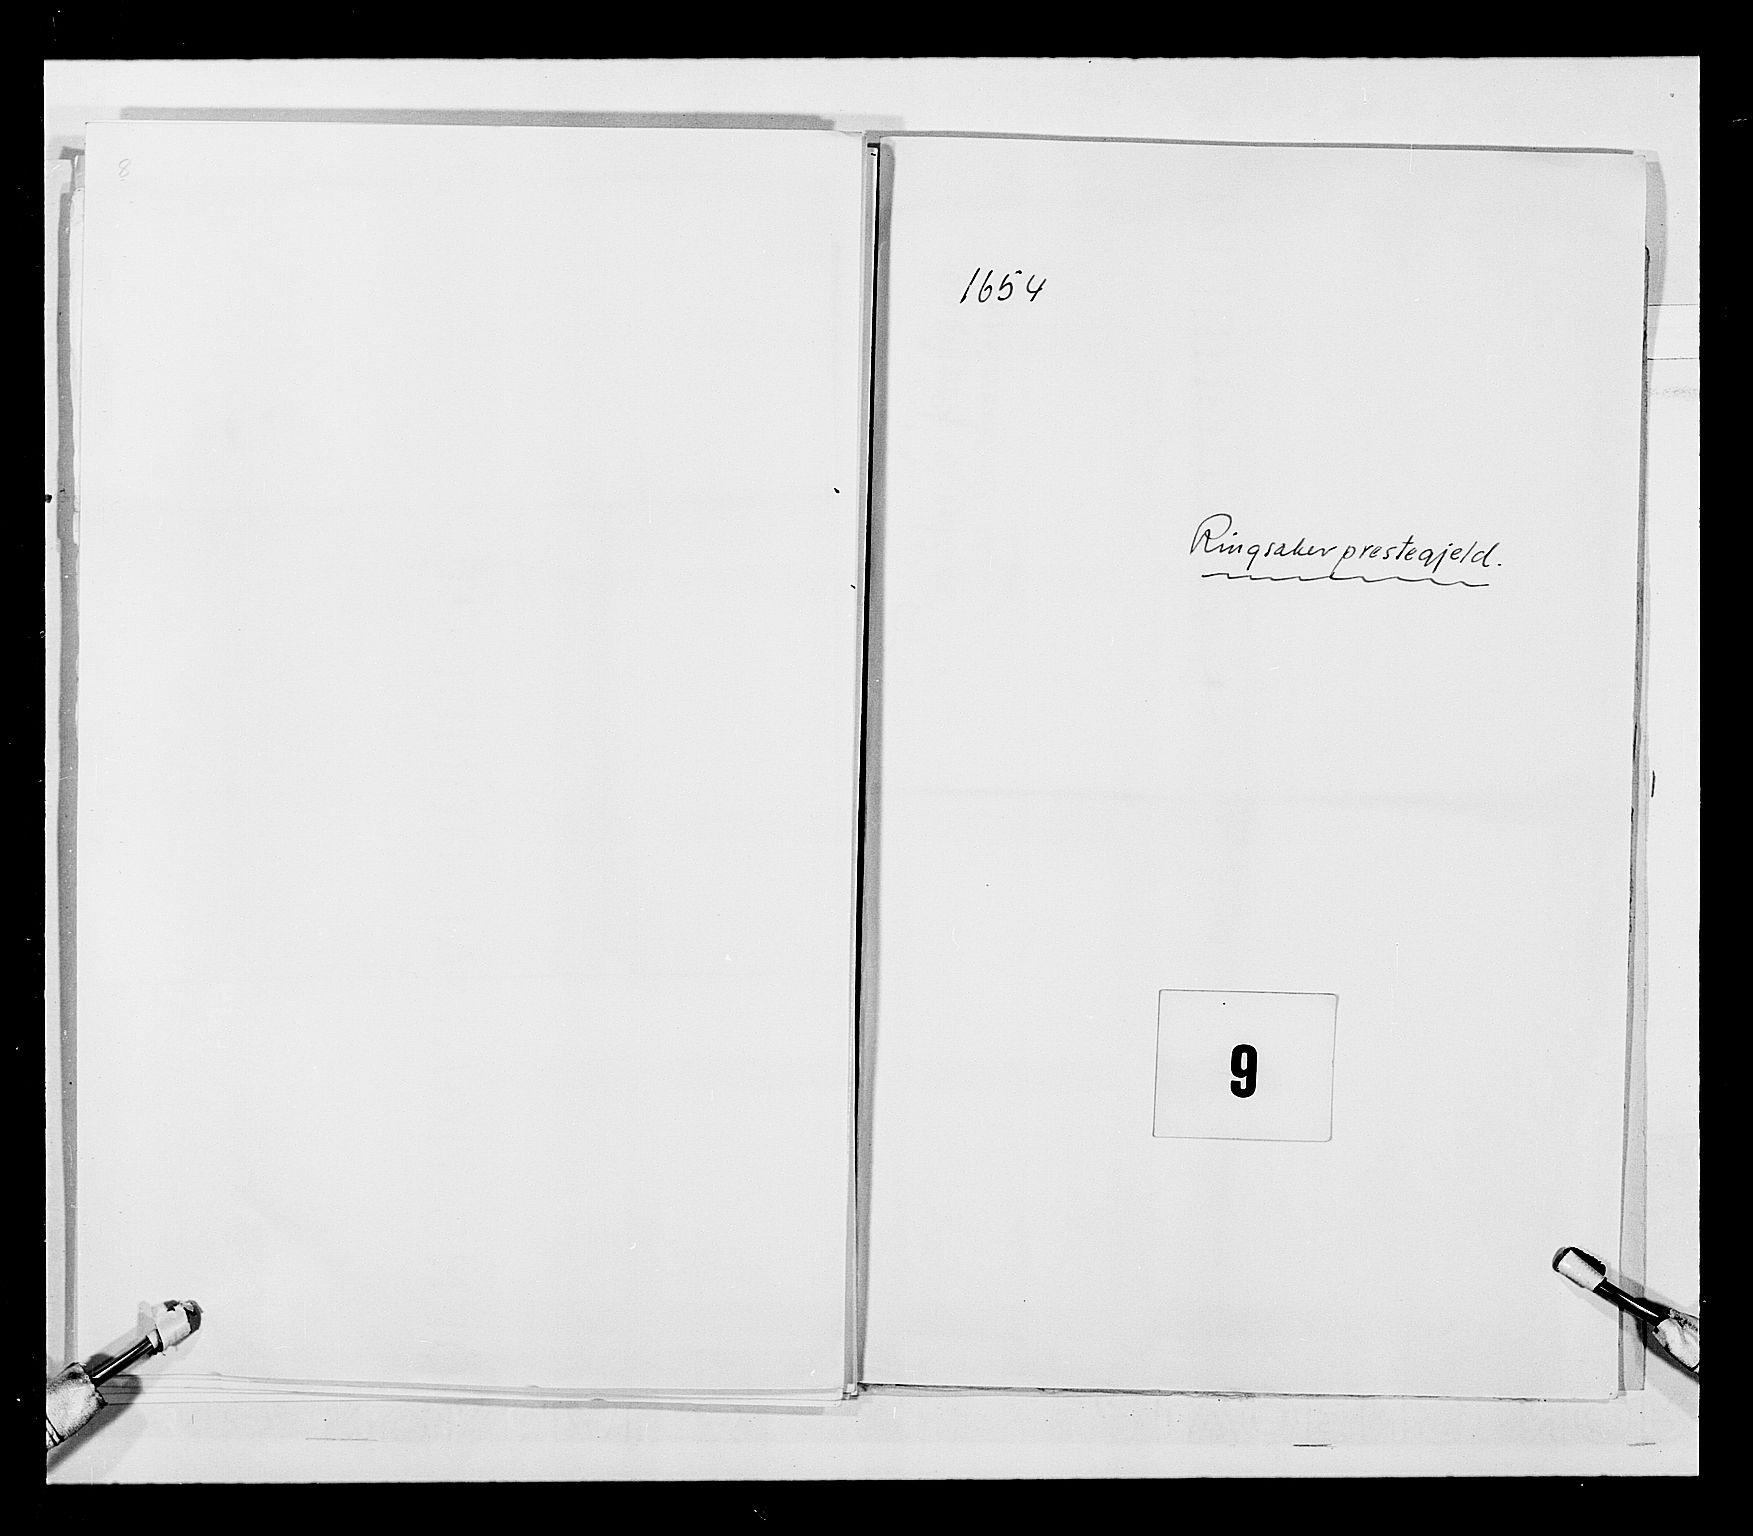 RA, Stattholderembetet 1572-1771, Ek/L0030: Jordebøker 1633-1658:, 1654, s. 31